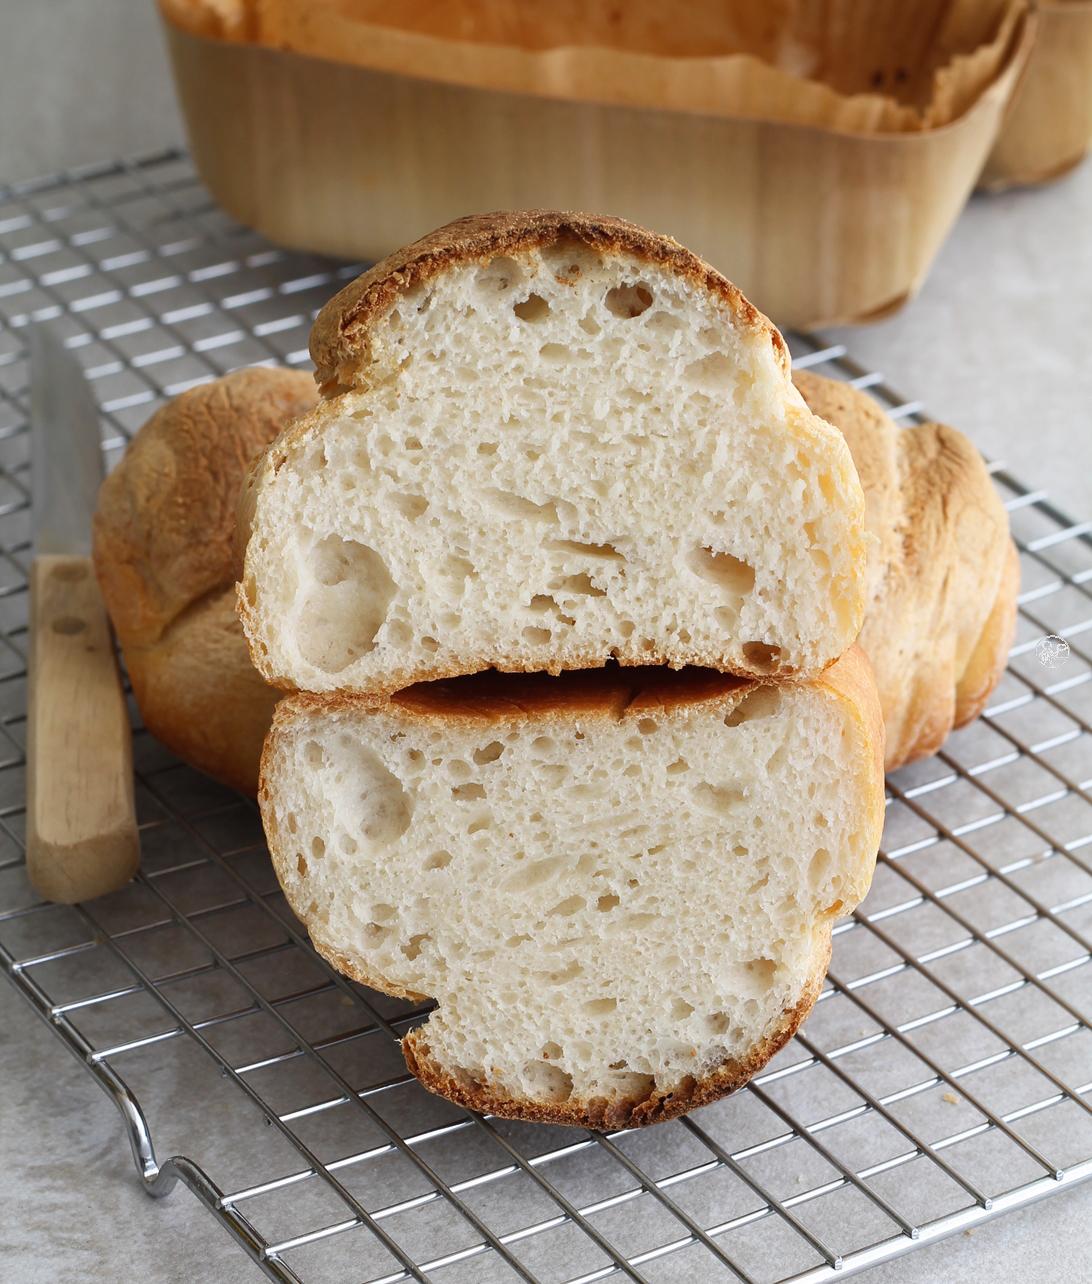 Treccia di pane al latte senza glutine - La Cassata Celiaca